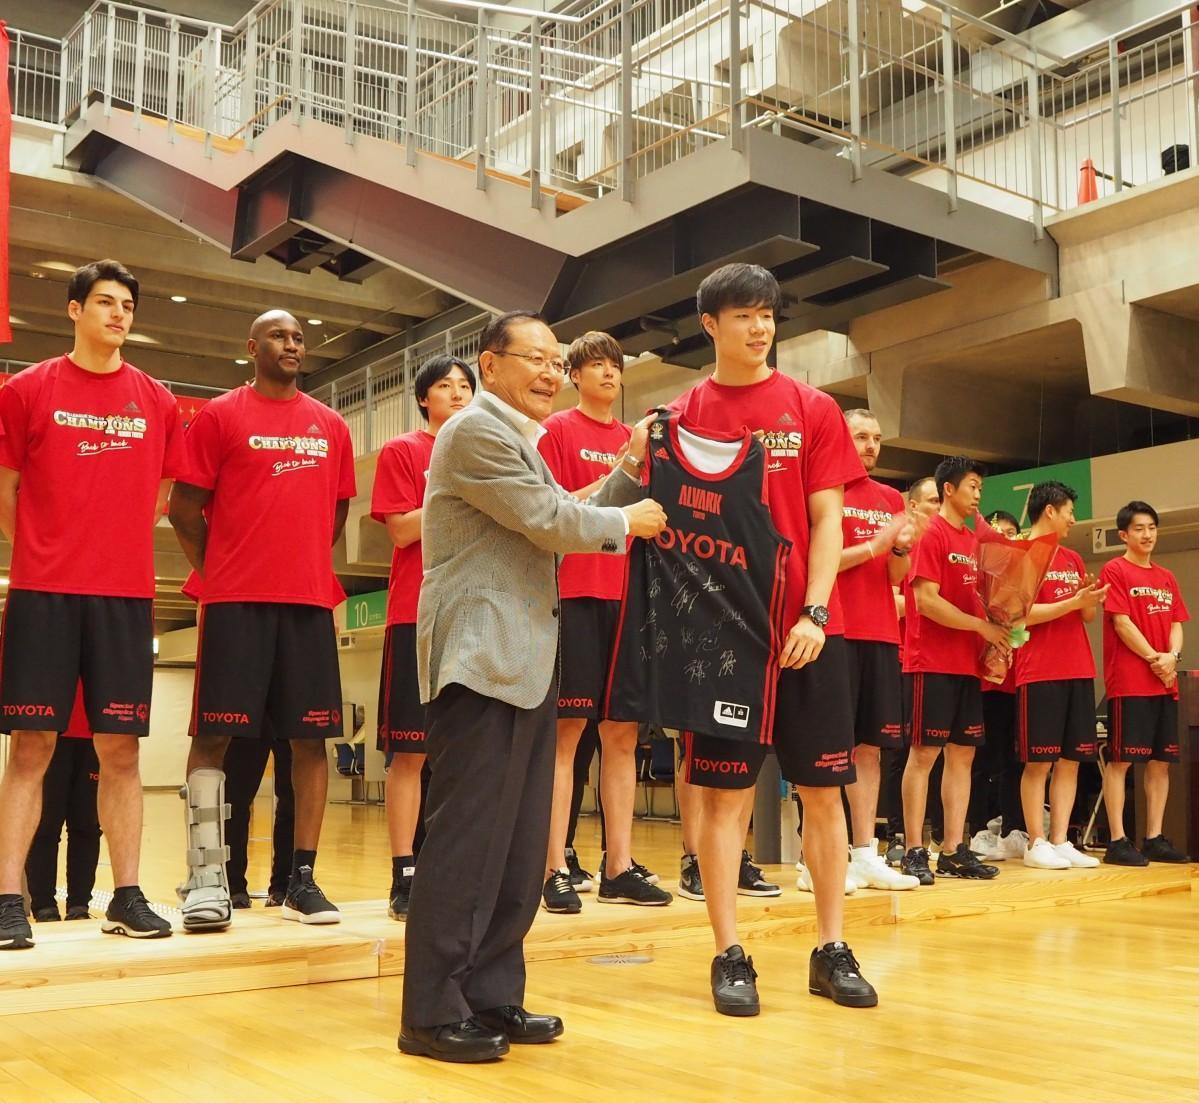 馬場雄大選手から清水市長に選手のサイン入りユニフォームを贈呈